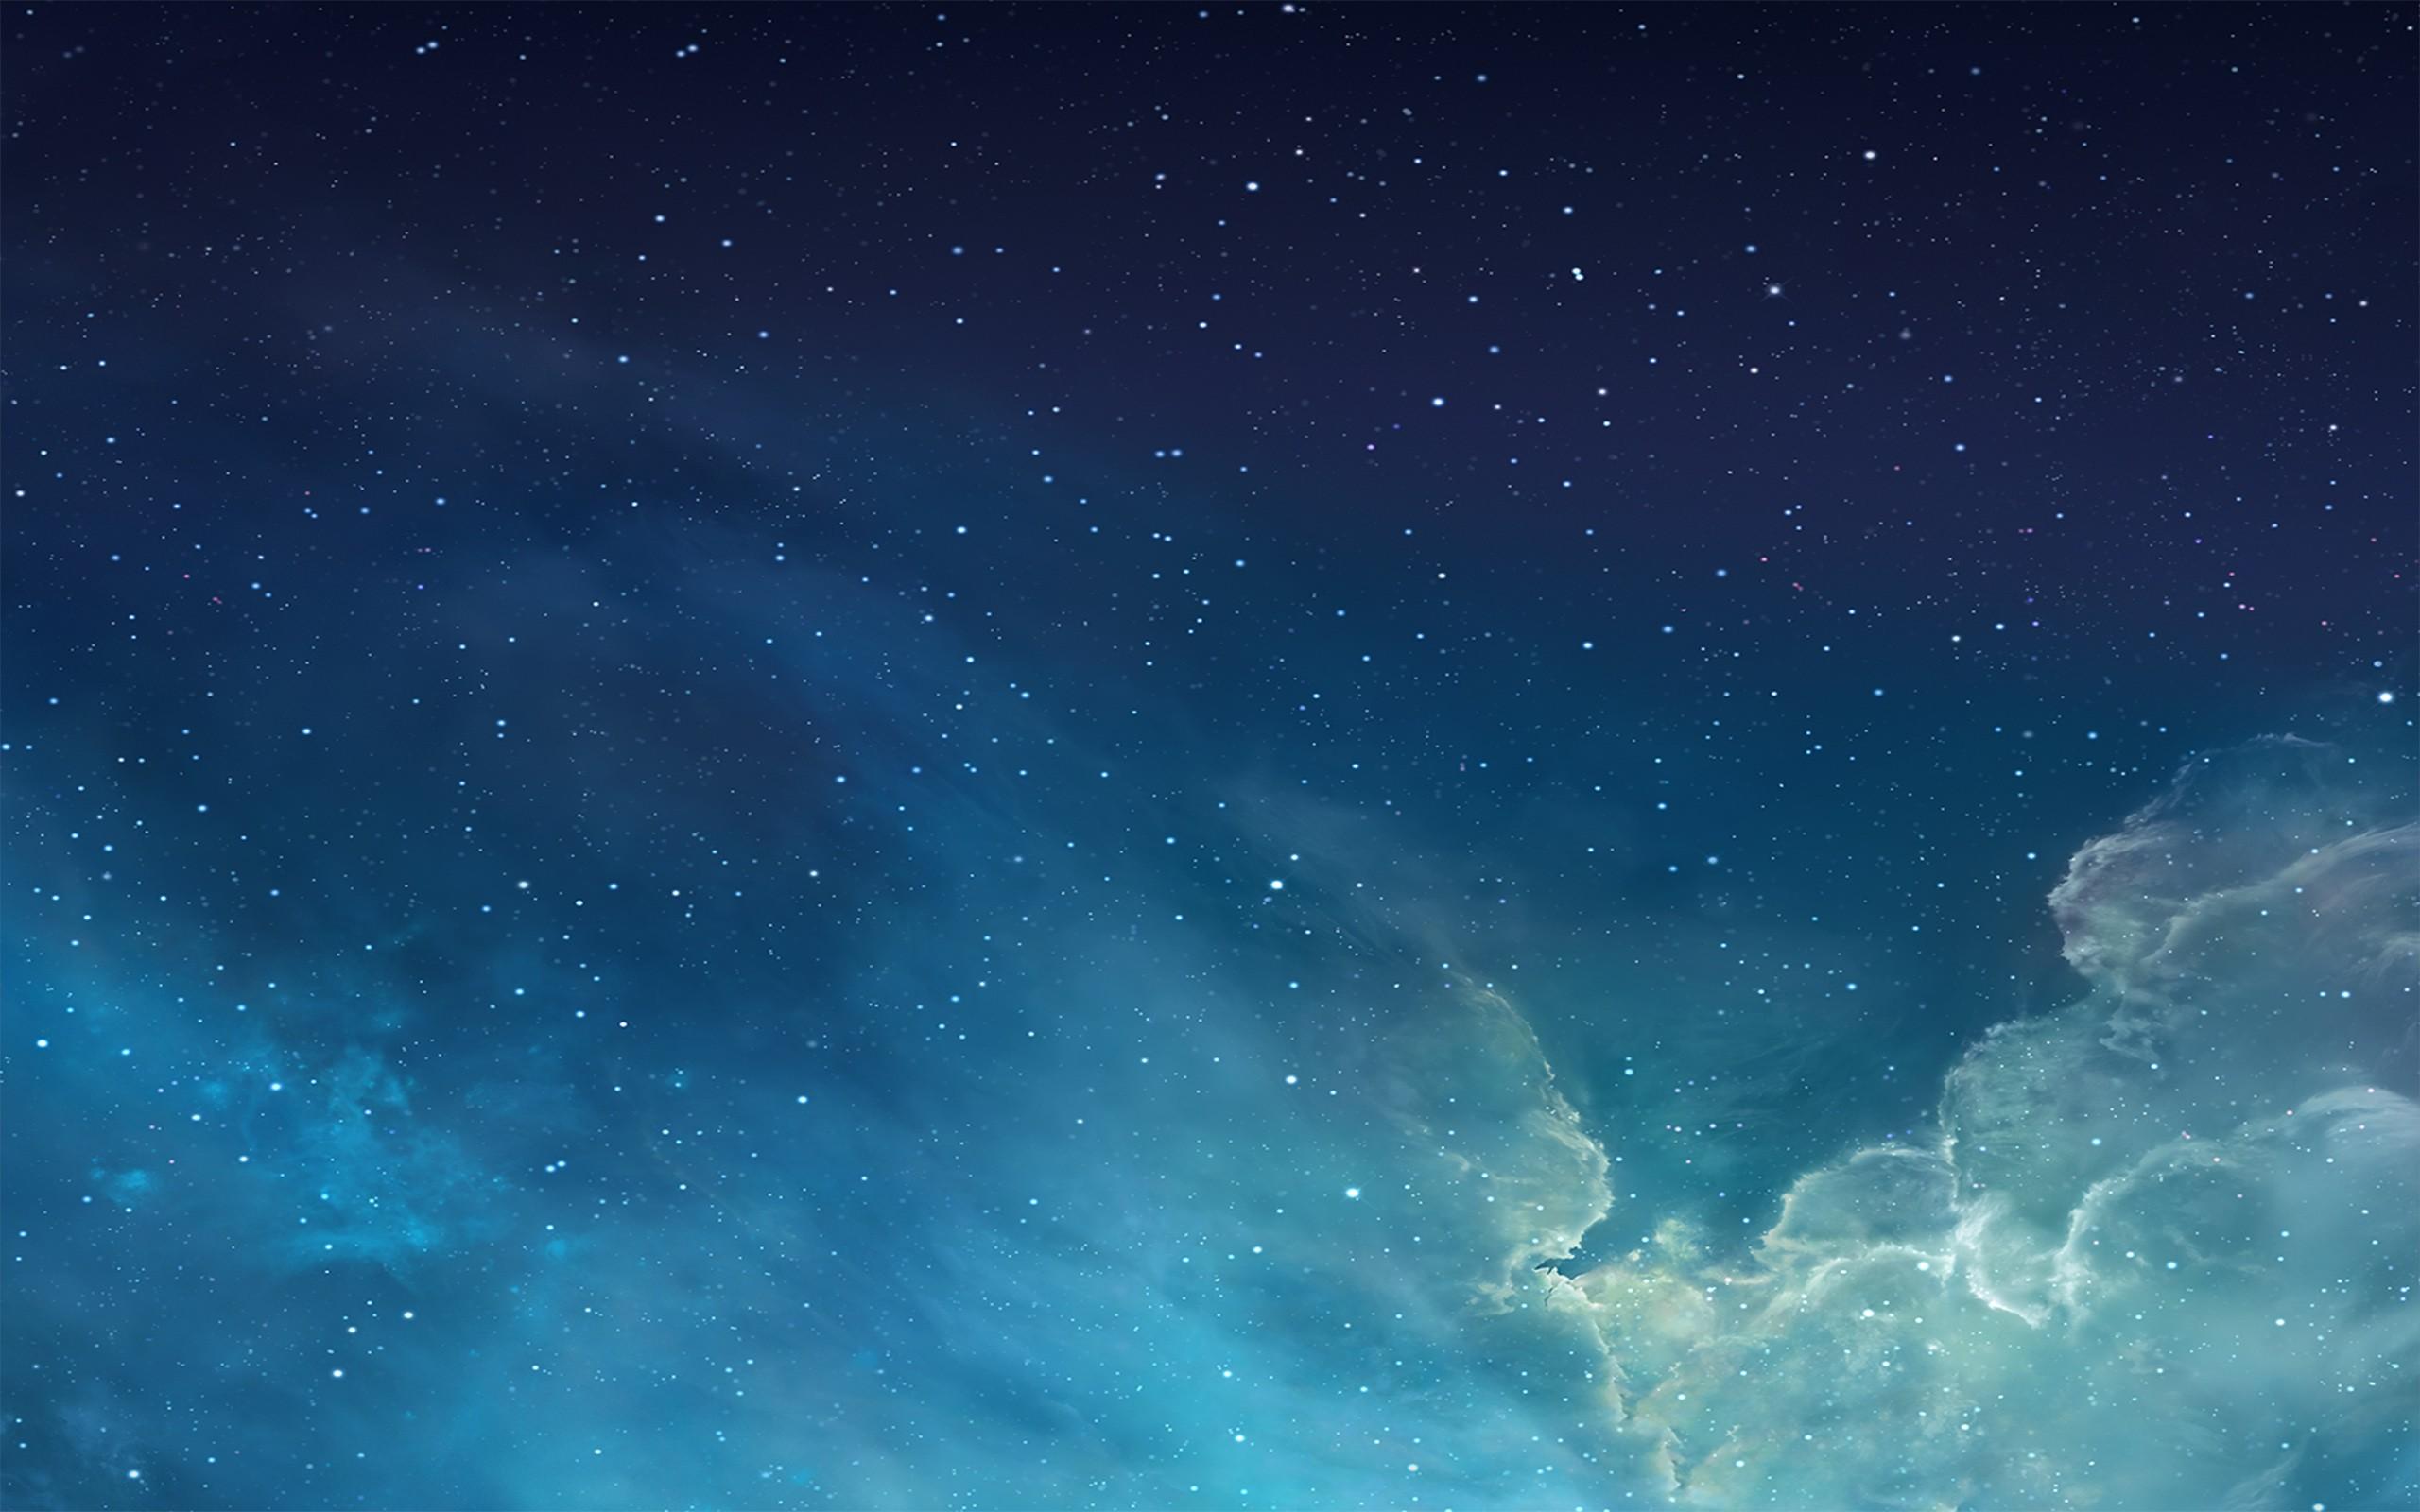 El cielo y las estrellas - 2560x1600